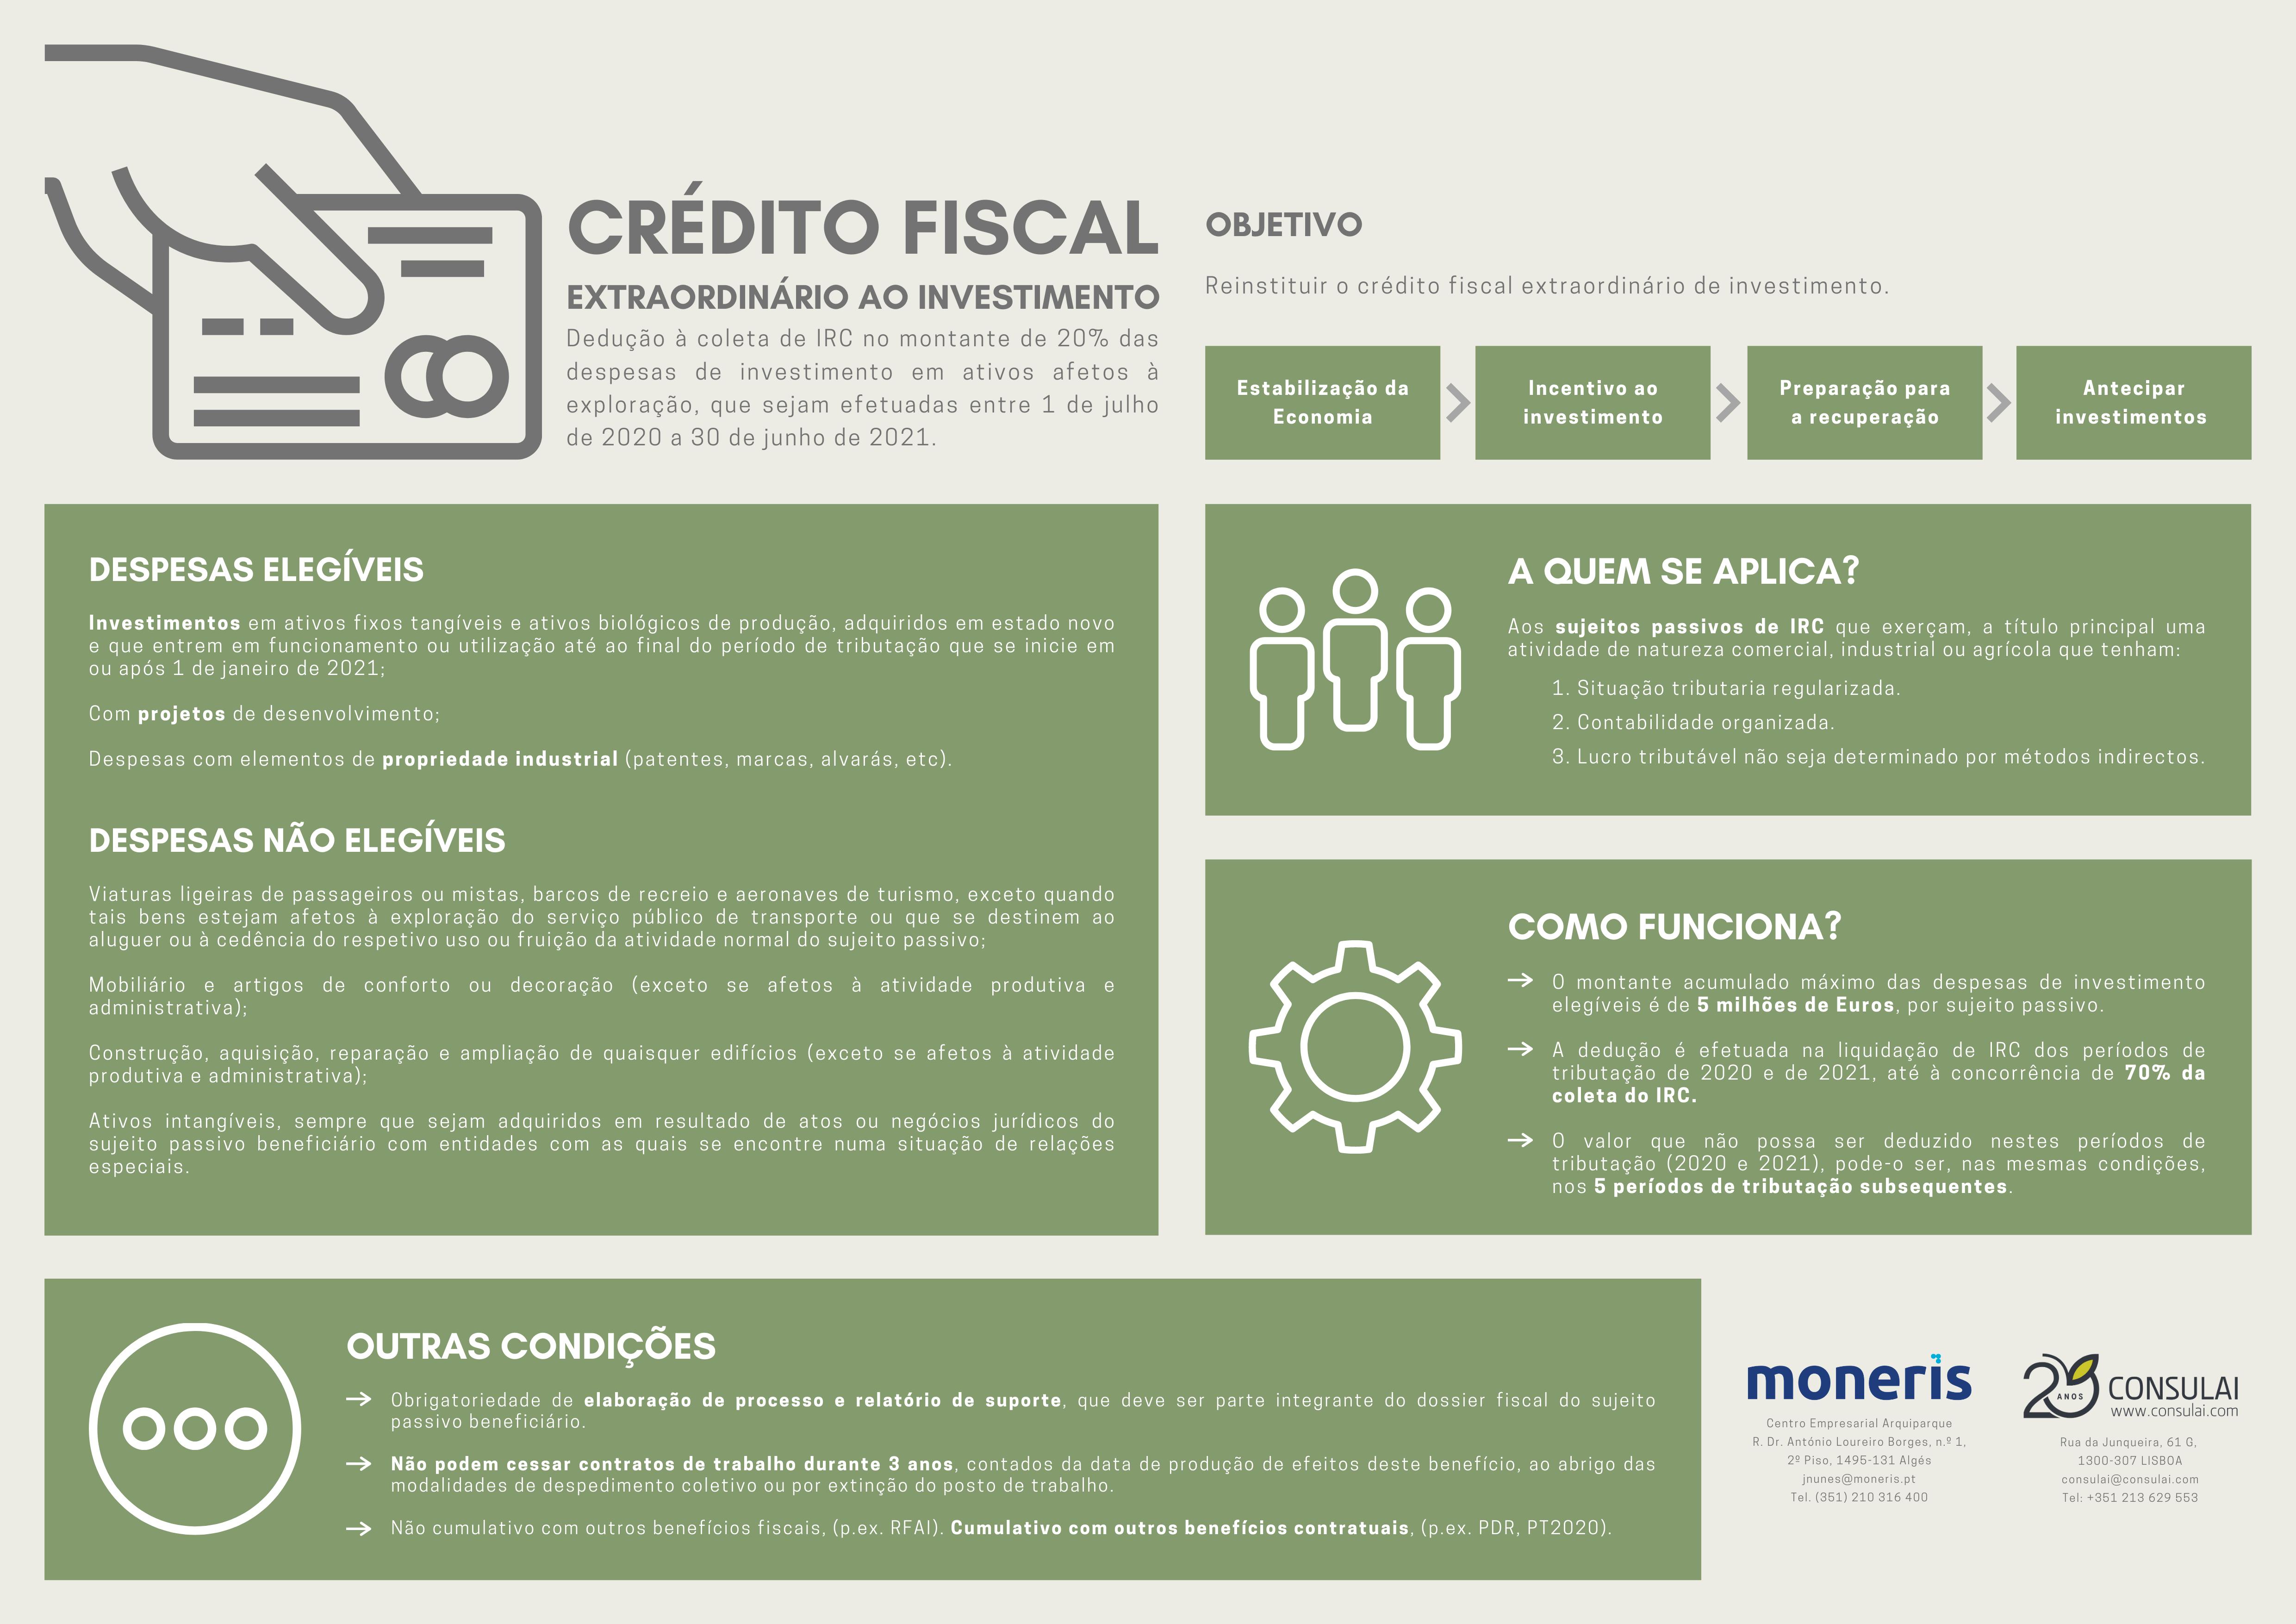 Crédito Fiscal Extraordinário ao Investimento